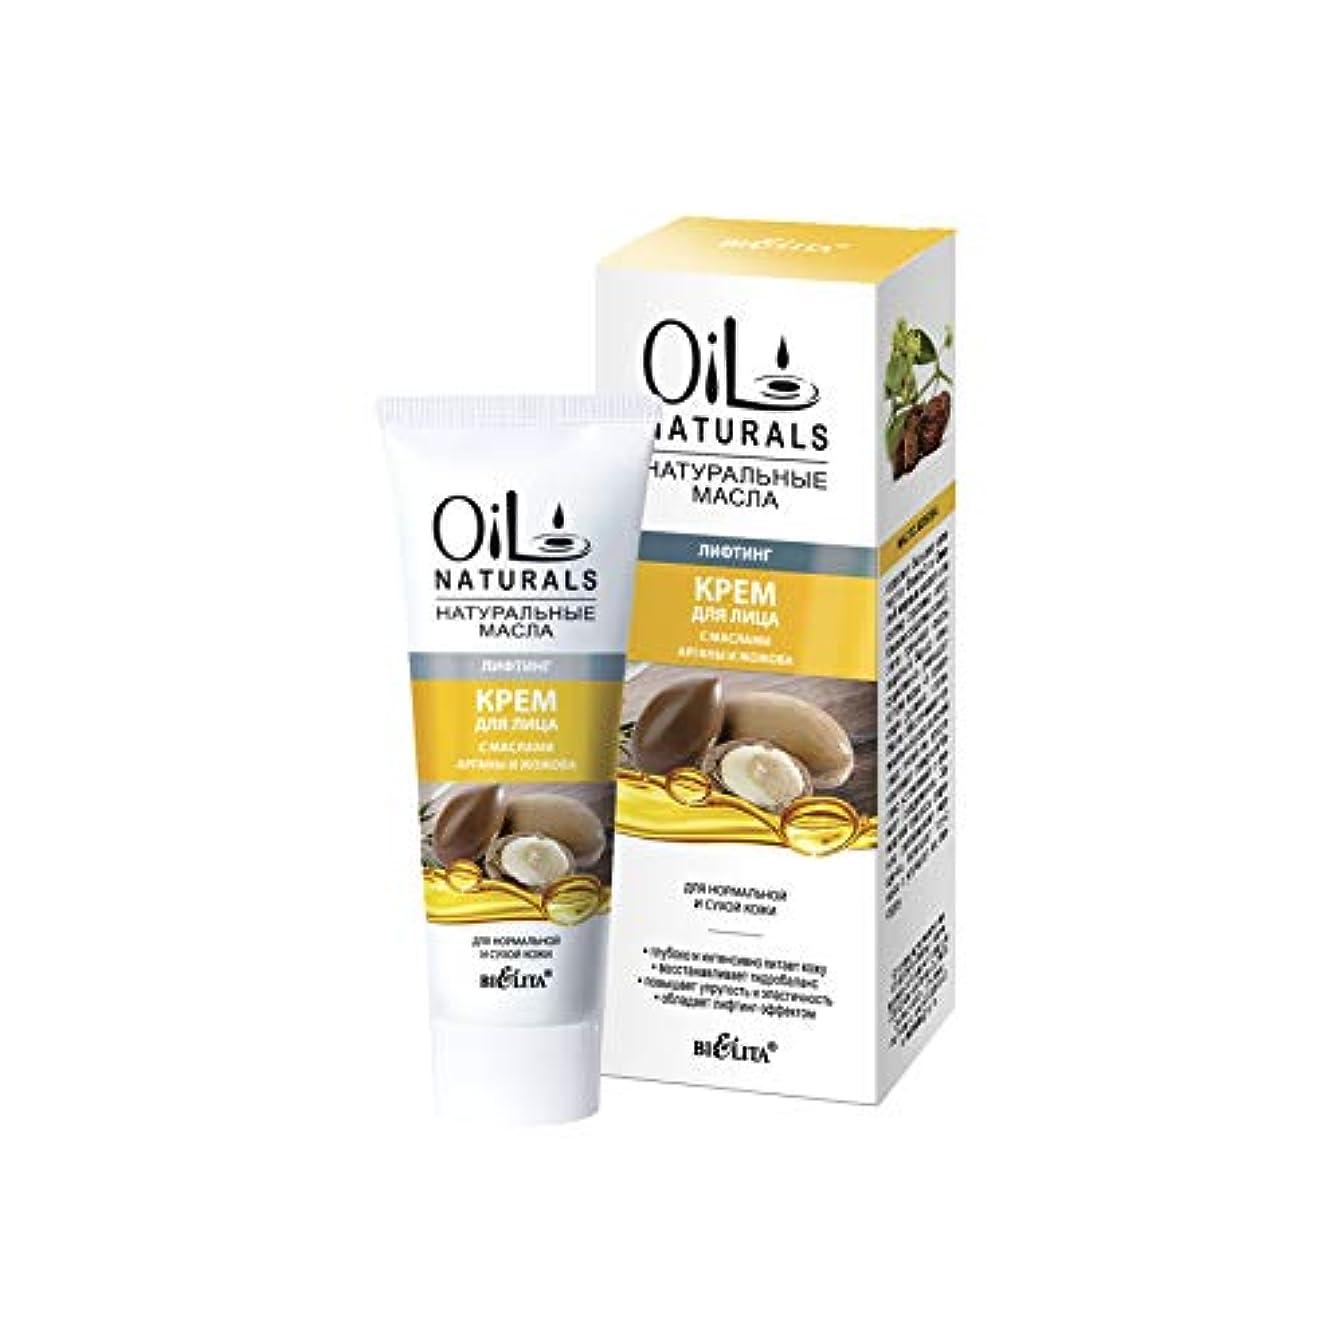 満足ピーク端Bielita & Vitex | Argan Oil, Jojoba Oil Moisturising Cream for the Face 50ml | Intensive Moisturizer With Natural...